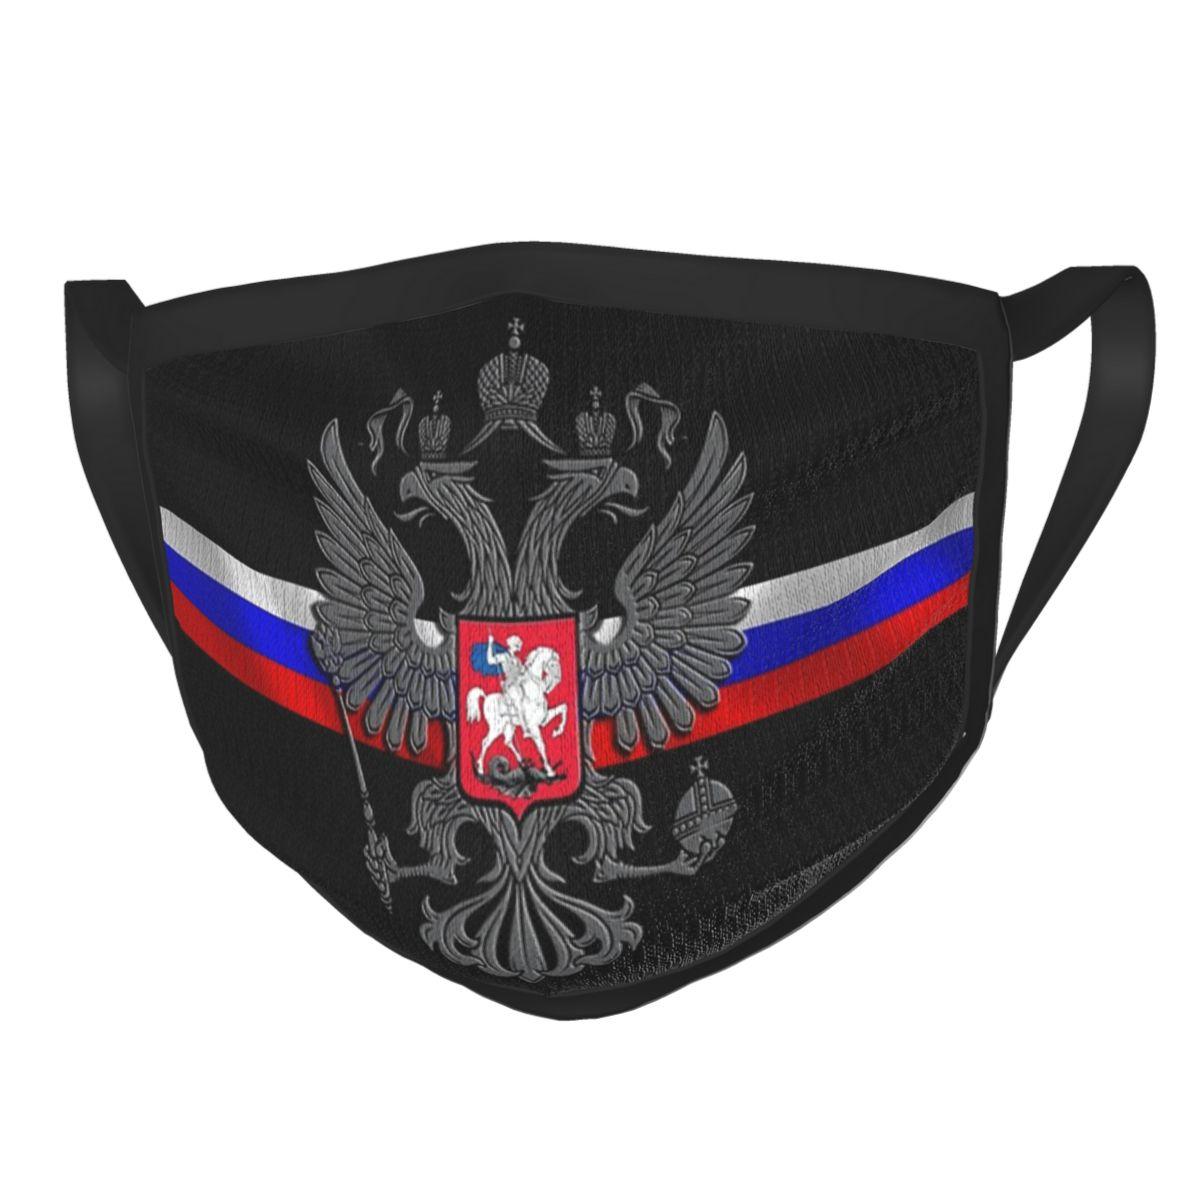 Россия с гордостью многоразовые лицевая маска советский флаг России содержит три цвета белый синий красный CCCP Коммунистическая Социалисти...